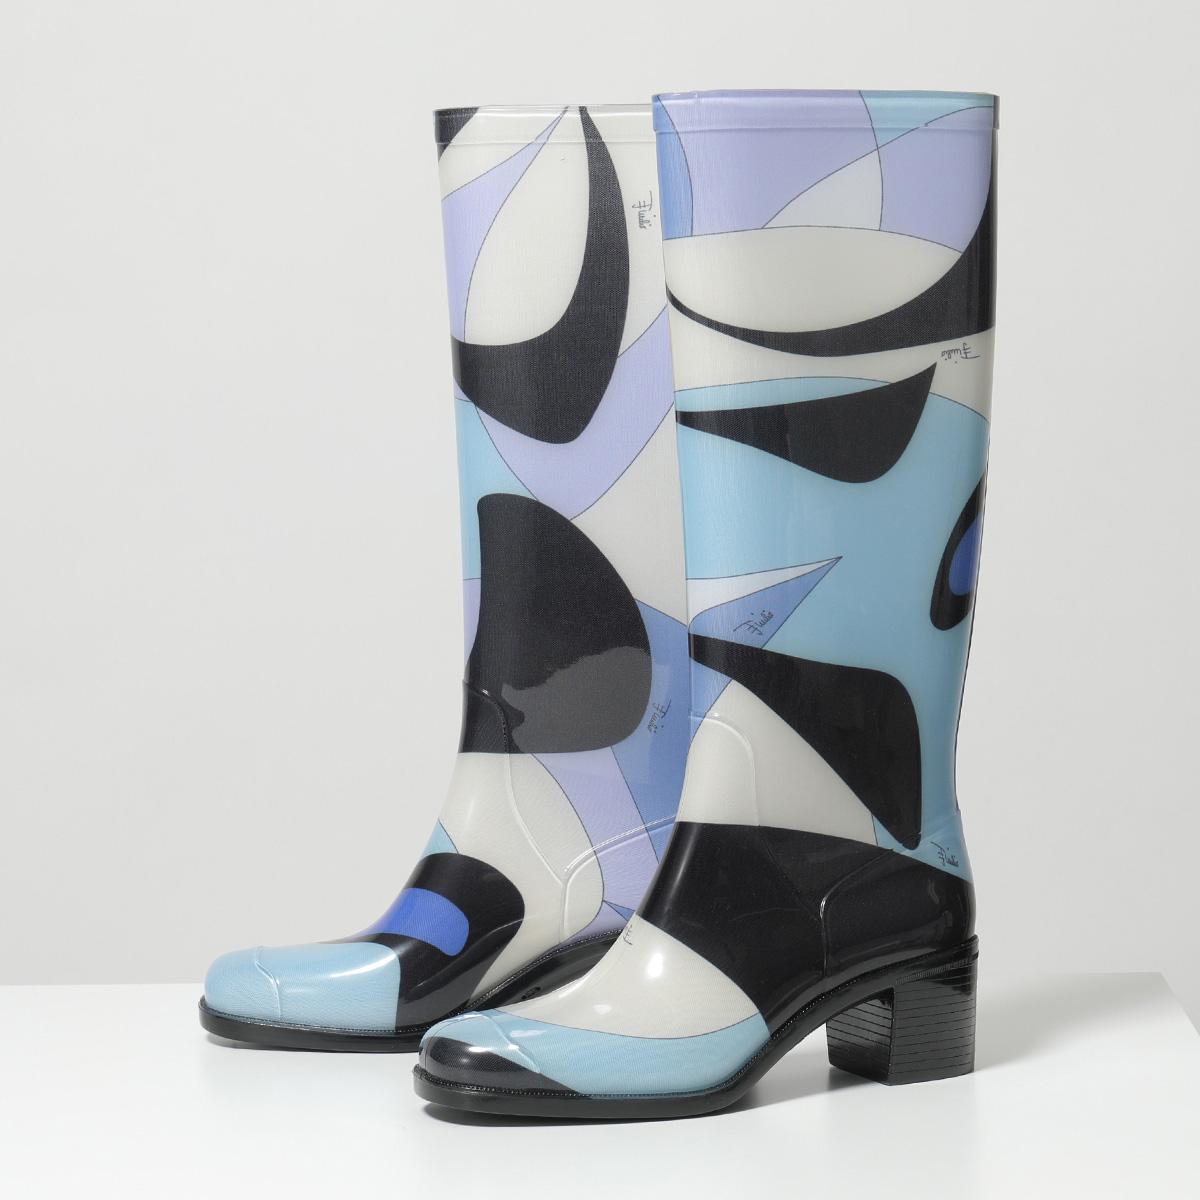 【35%OFF】 EMILIO PUCCI エミリオプッチ 9UCE45 9UX18 Alex Print Rubber Boots ラバー レインブーツ ロングブーツ A98 靴 レディース, 便利グッズのお店 AQSHOP 8433caaf